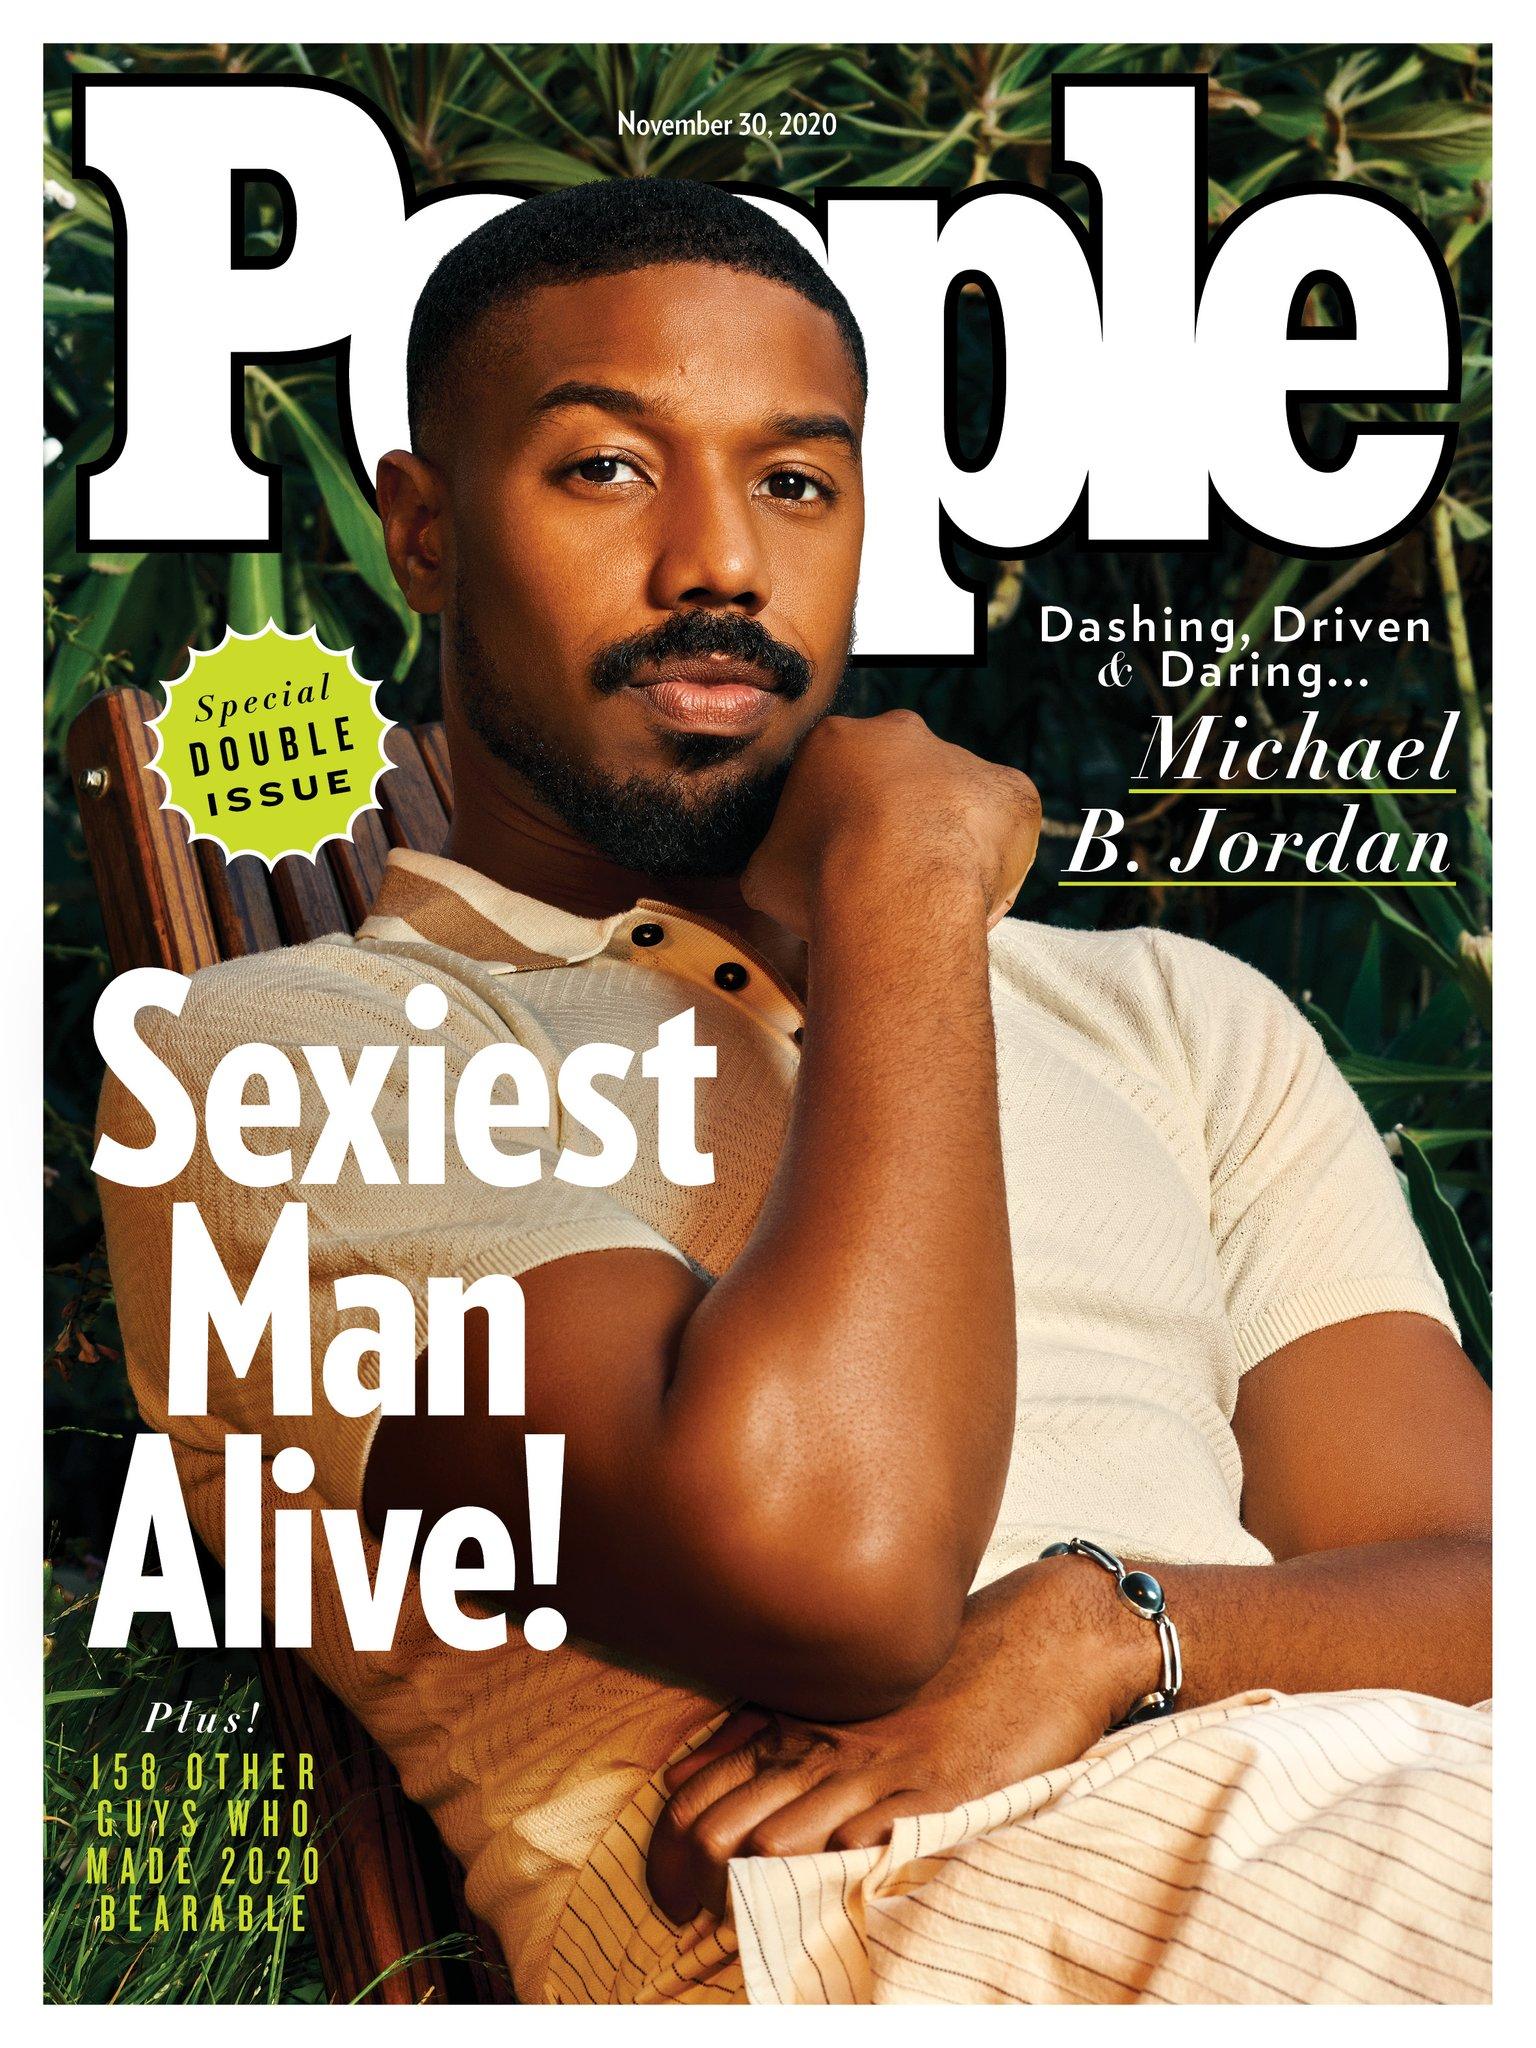 michael-b-jordan-named-peoples-sexiest-man-alive-2020